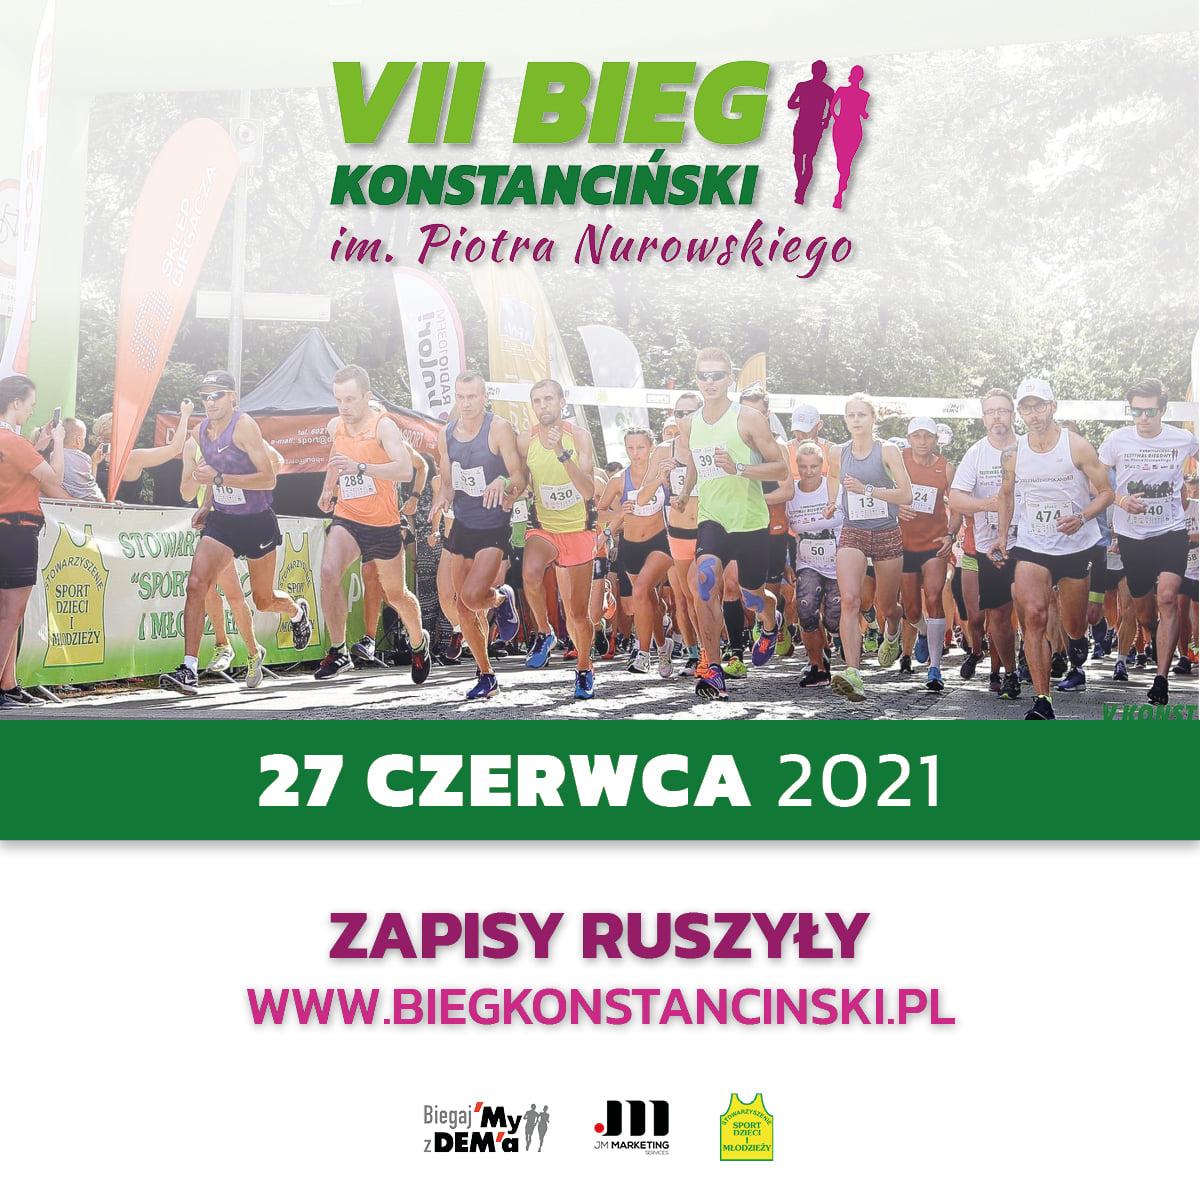 Bieg Konstanciński 2021 | Aktywer